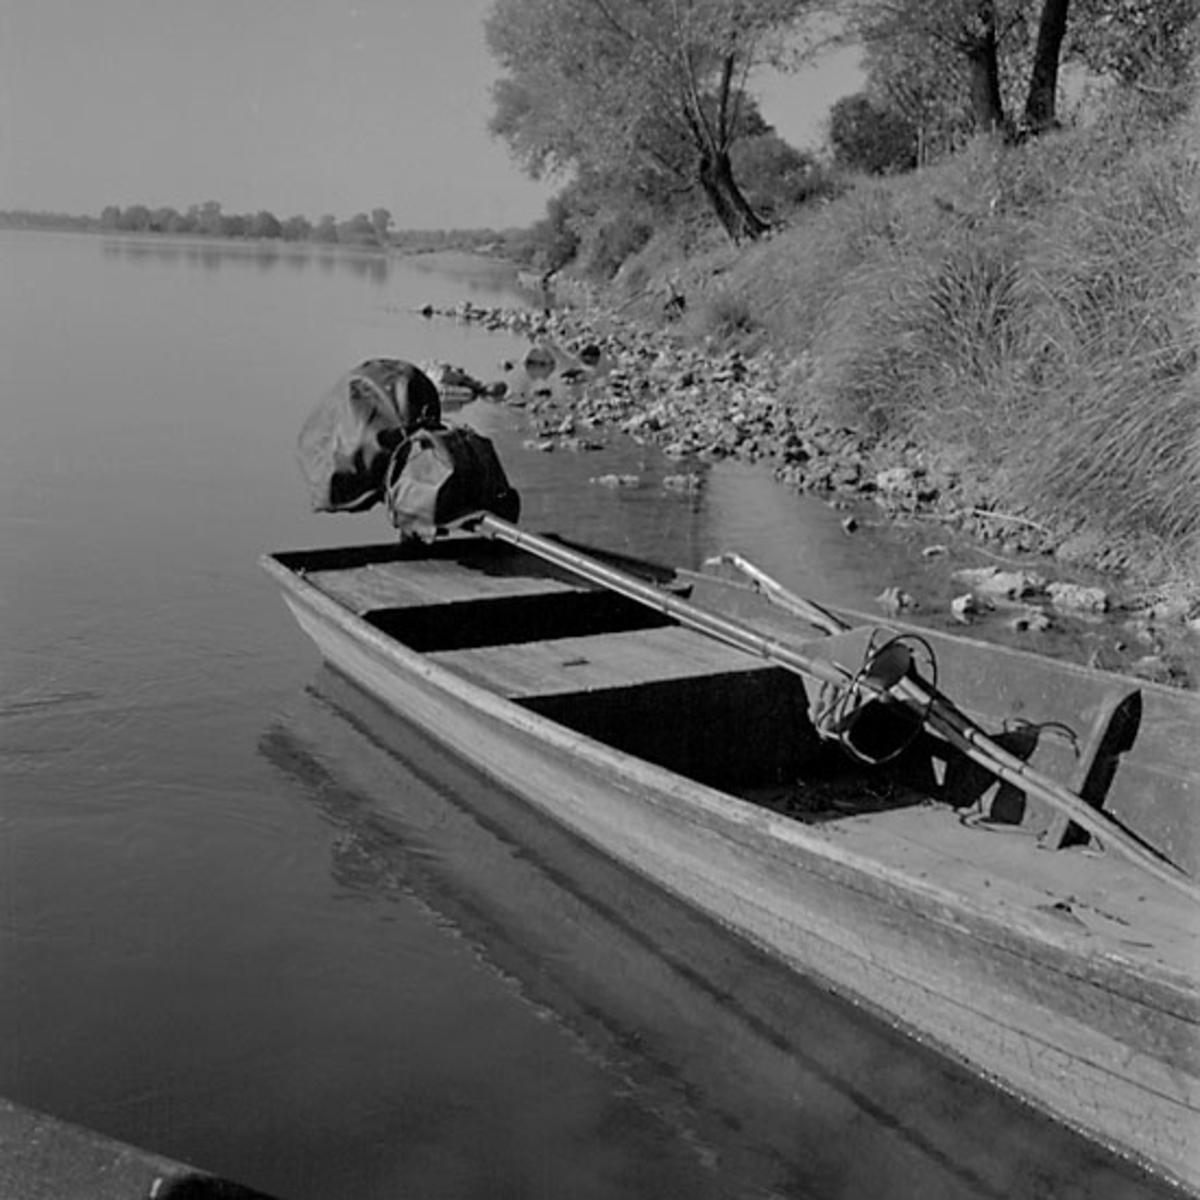 5. Frankrike. Fotojournal finns på B.M.A. + fotoalbum. Samtidigt förvärv: Böcker och arkivmaterial. Foton tagna 1959-10-16. 12 Bilder i serie.